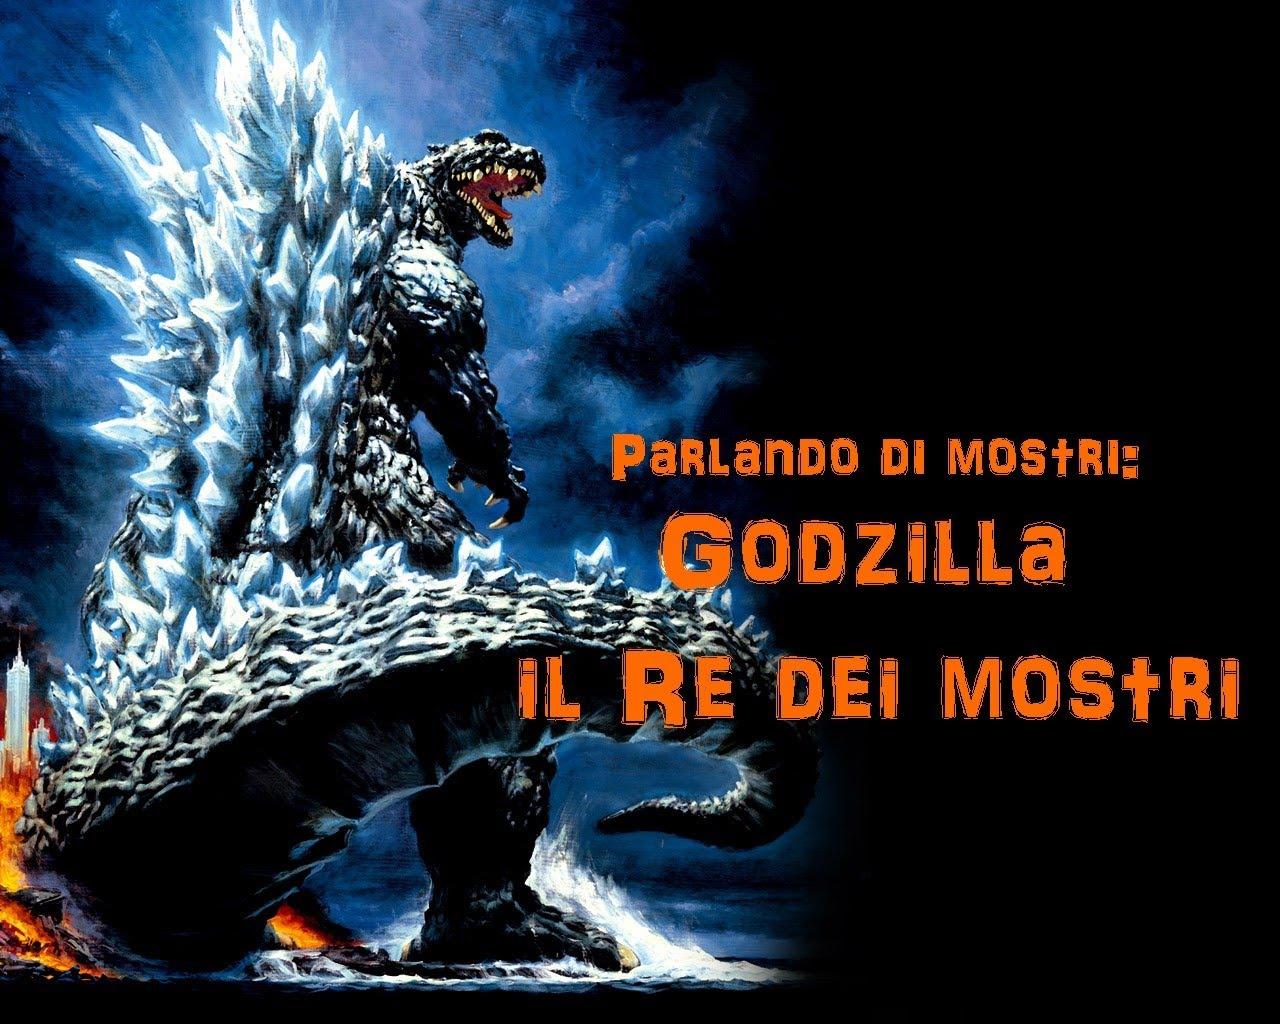 L'epica del disastro: il Kaijū Eiga – Riccardo Rosati